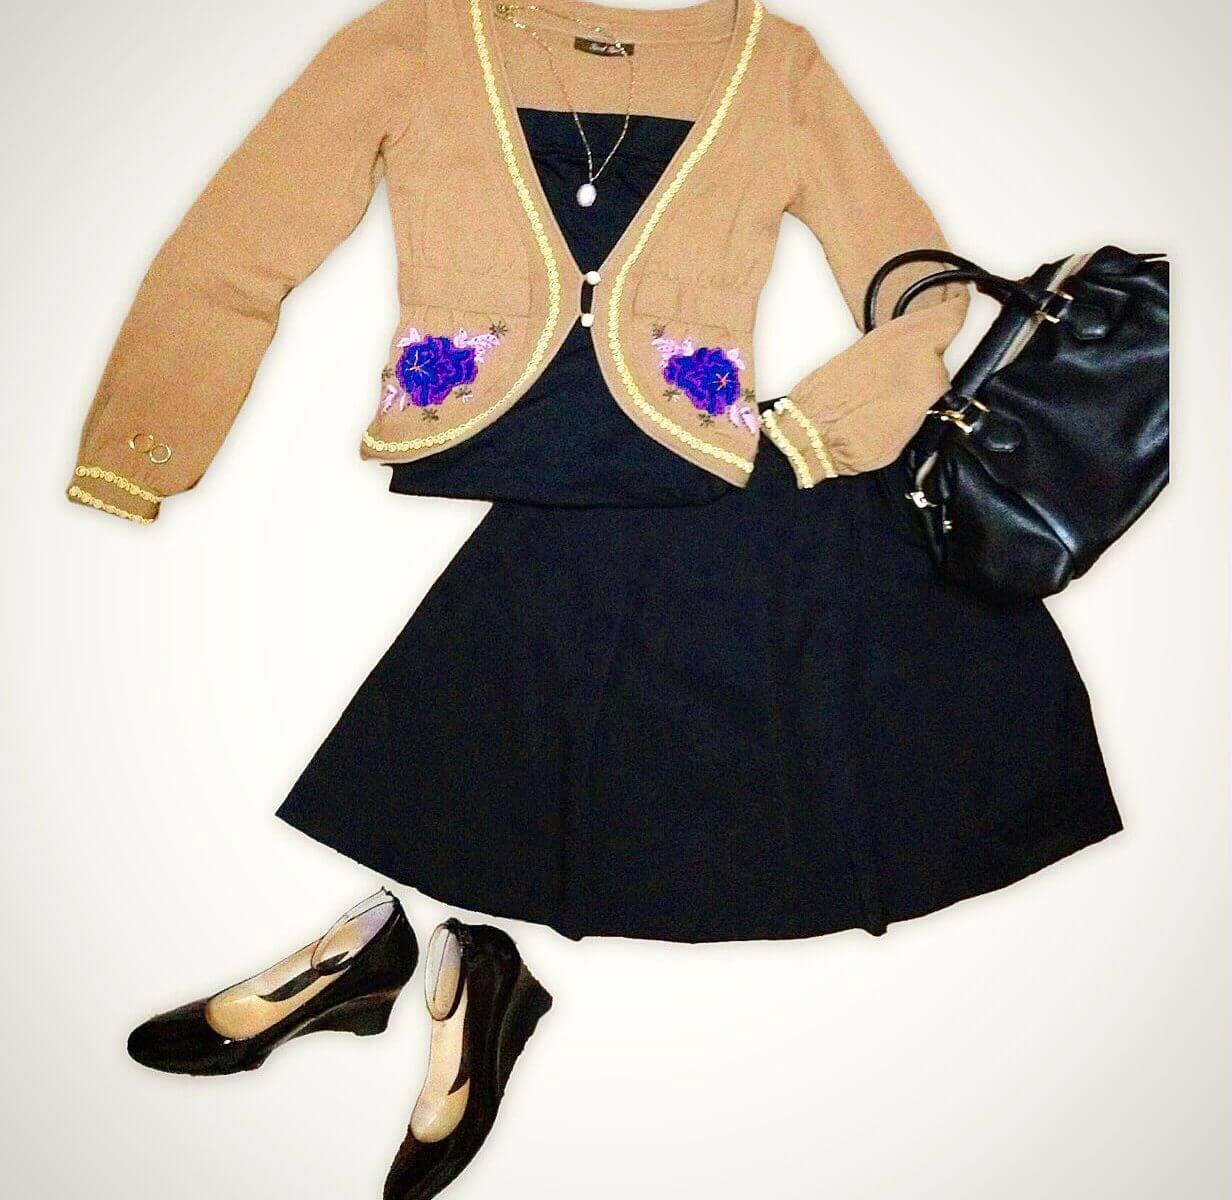 刺繍が入ったカーディガンとブラックのフレアスカートを合わせたコーディネート。